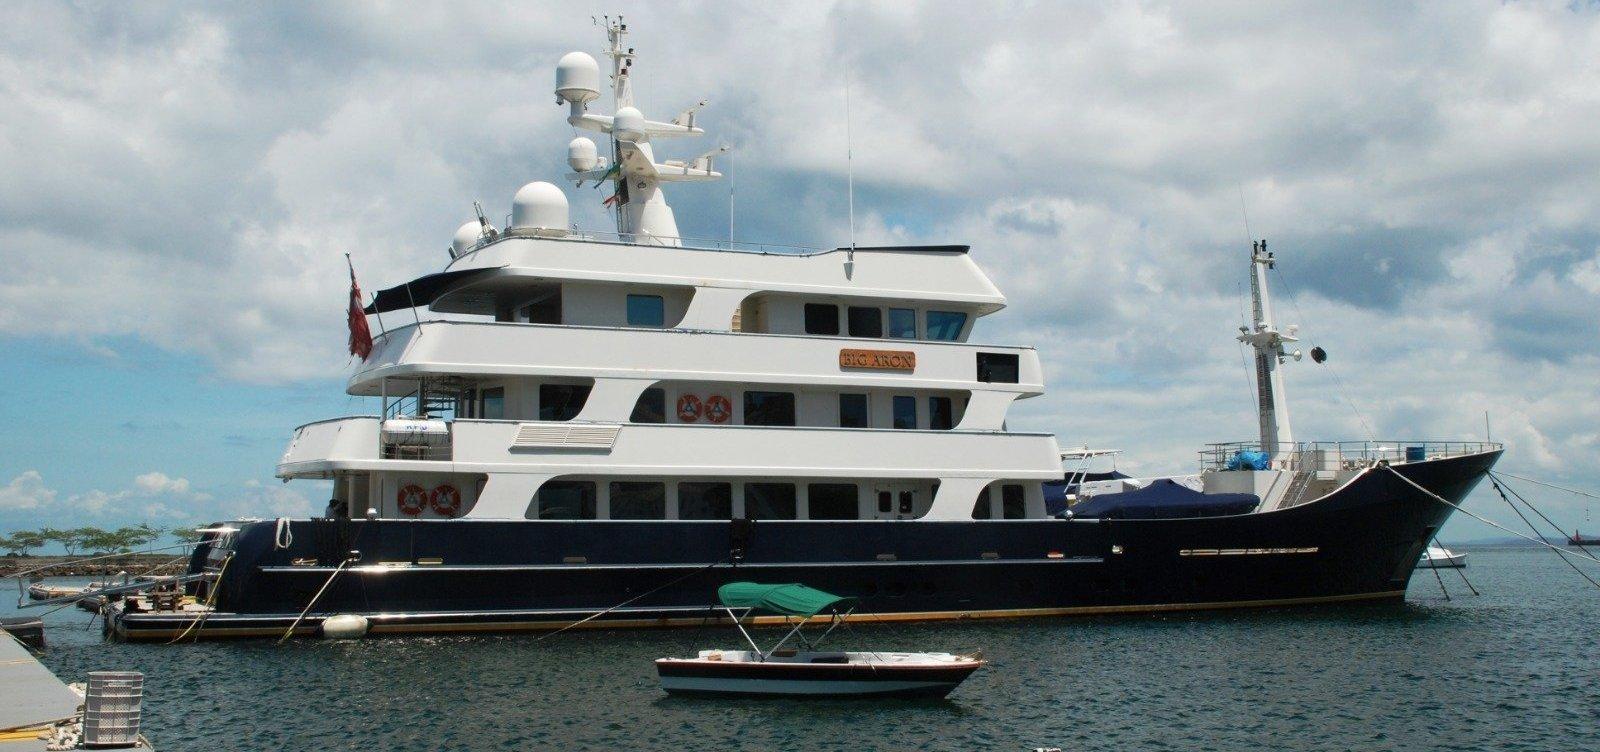 Iate de luxo é leiloado por R$ 17 milhões a menos do que valor original